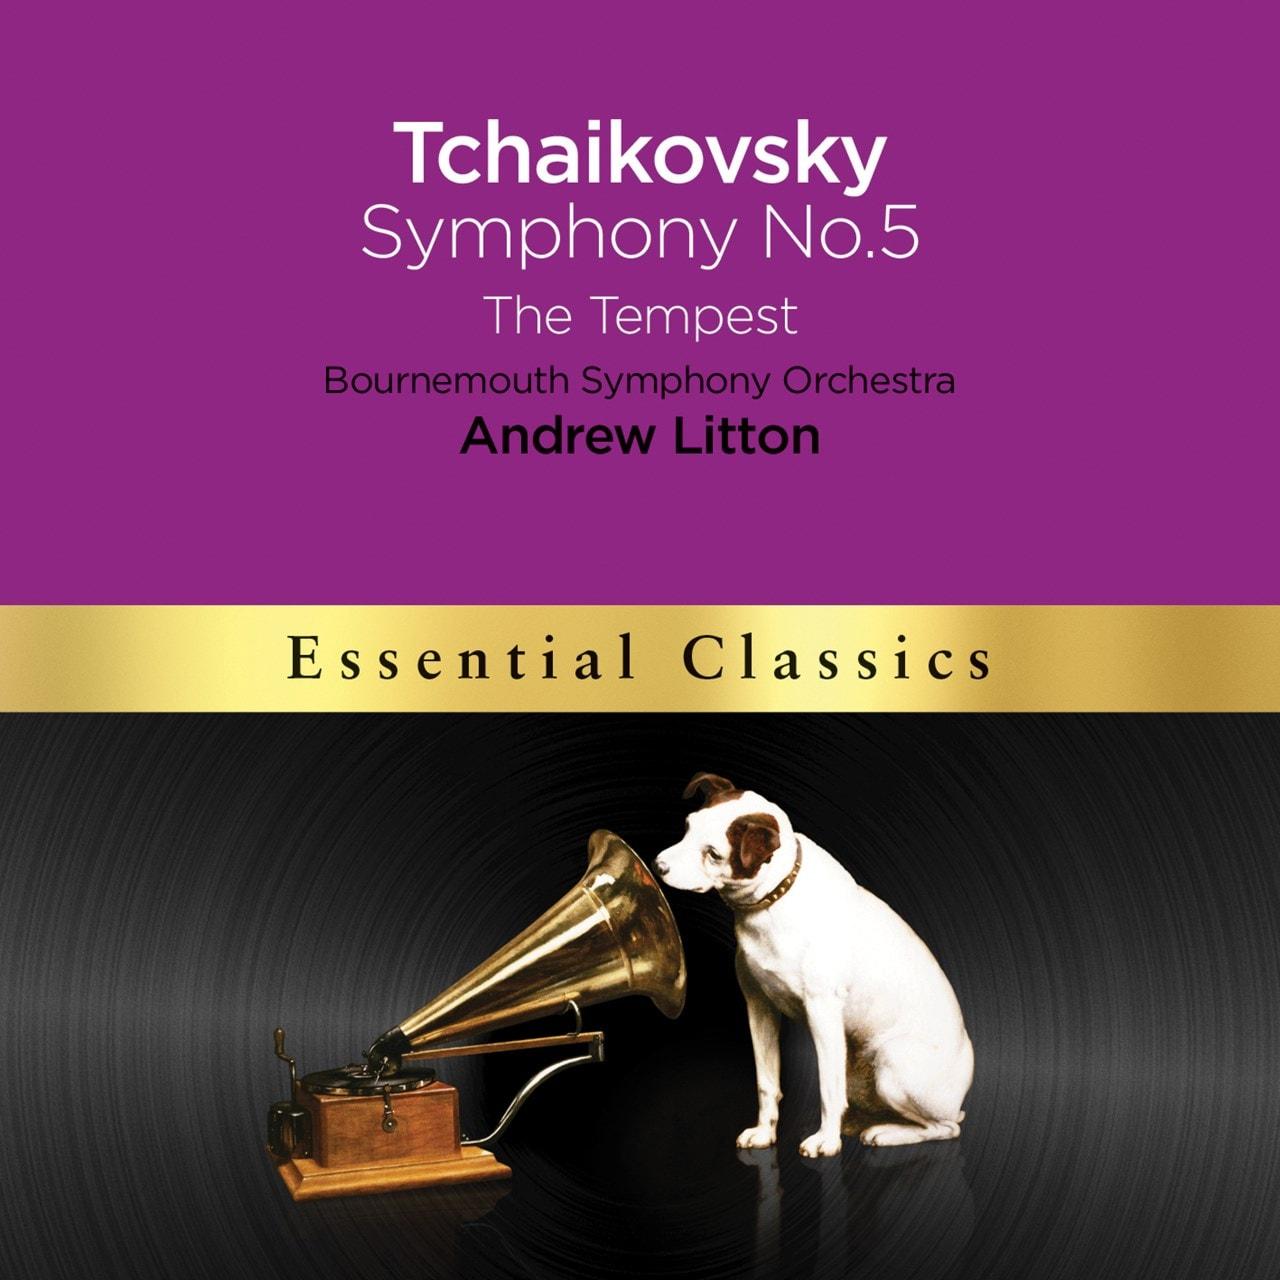 Tchaikovsky: Symphony No. 5/The Tempest - 1